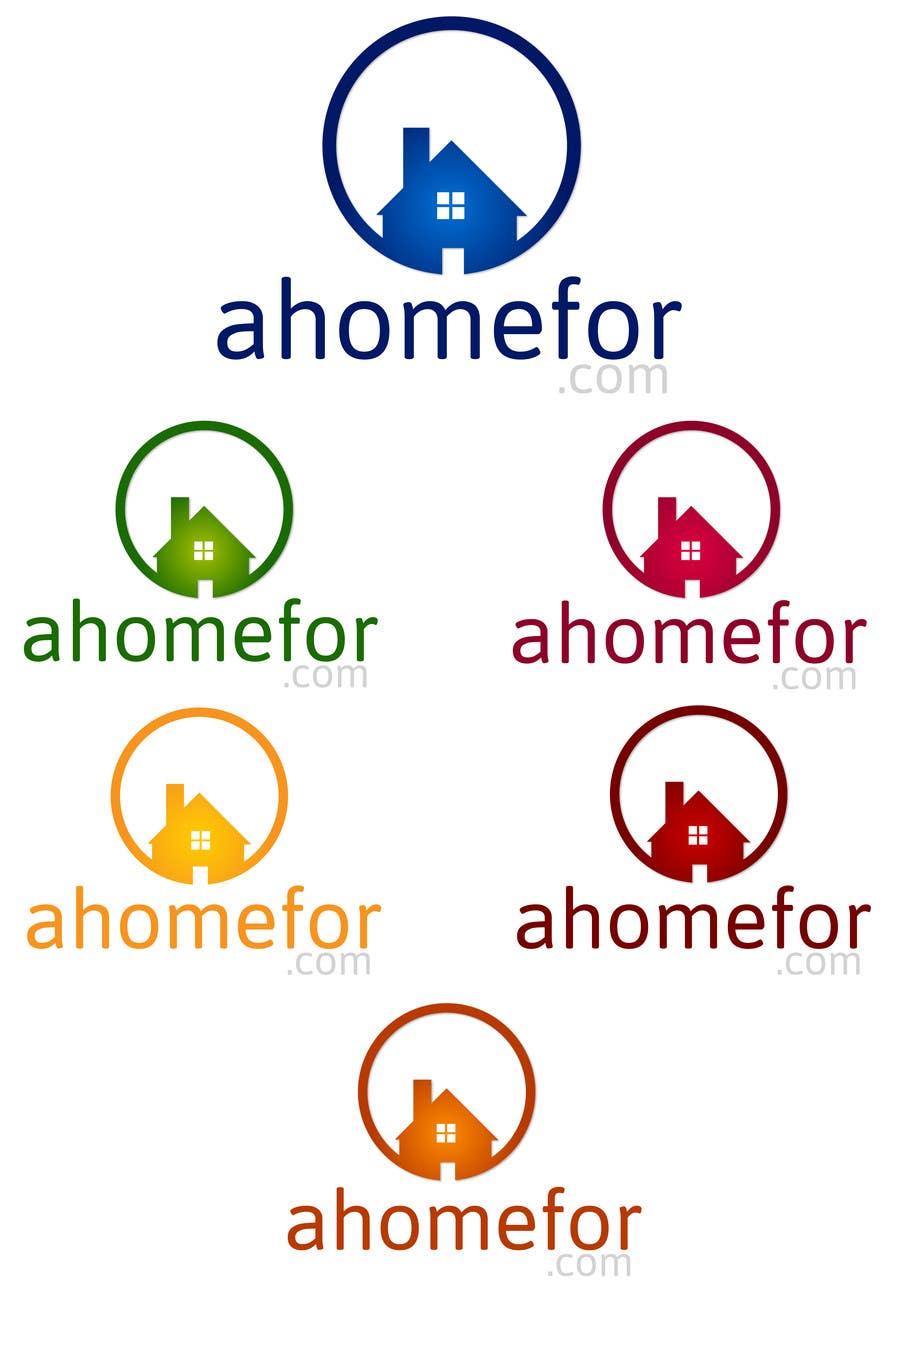 Penyertaan Peraduan #129 untuk Design a Logo for ahomefor.com